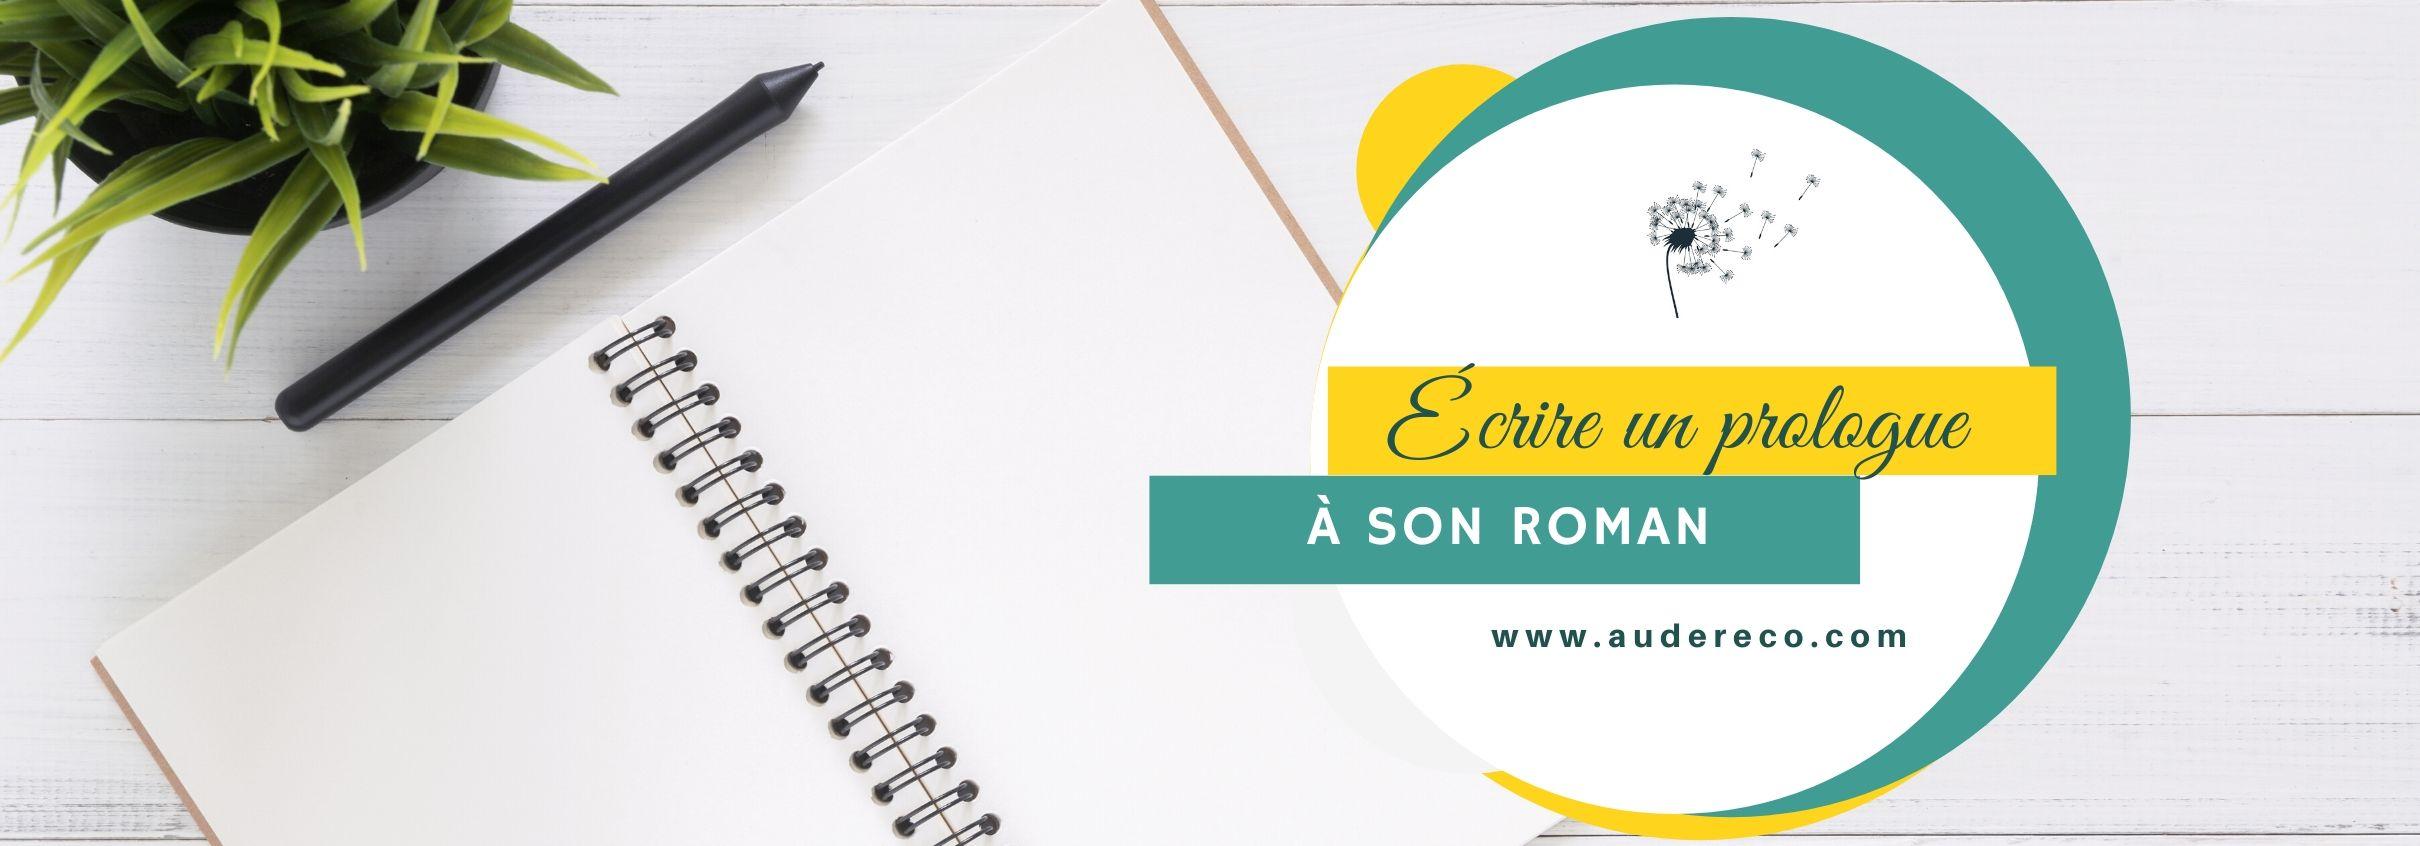 Protégé: ÉCRIRE LA PREMIÈRE SCÈNE DE SON ROMAN